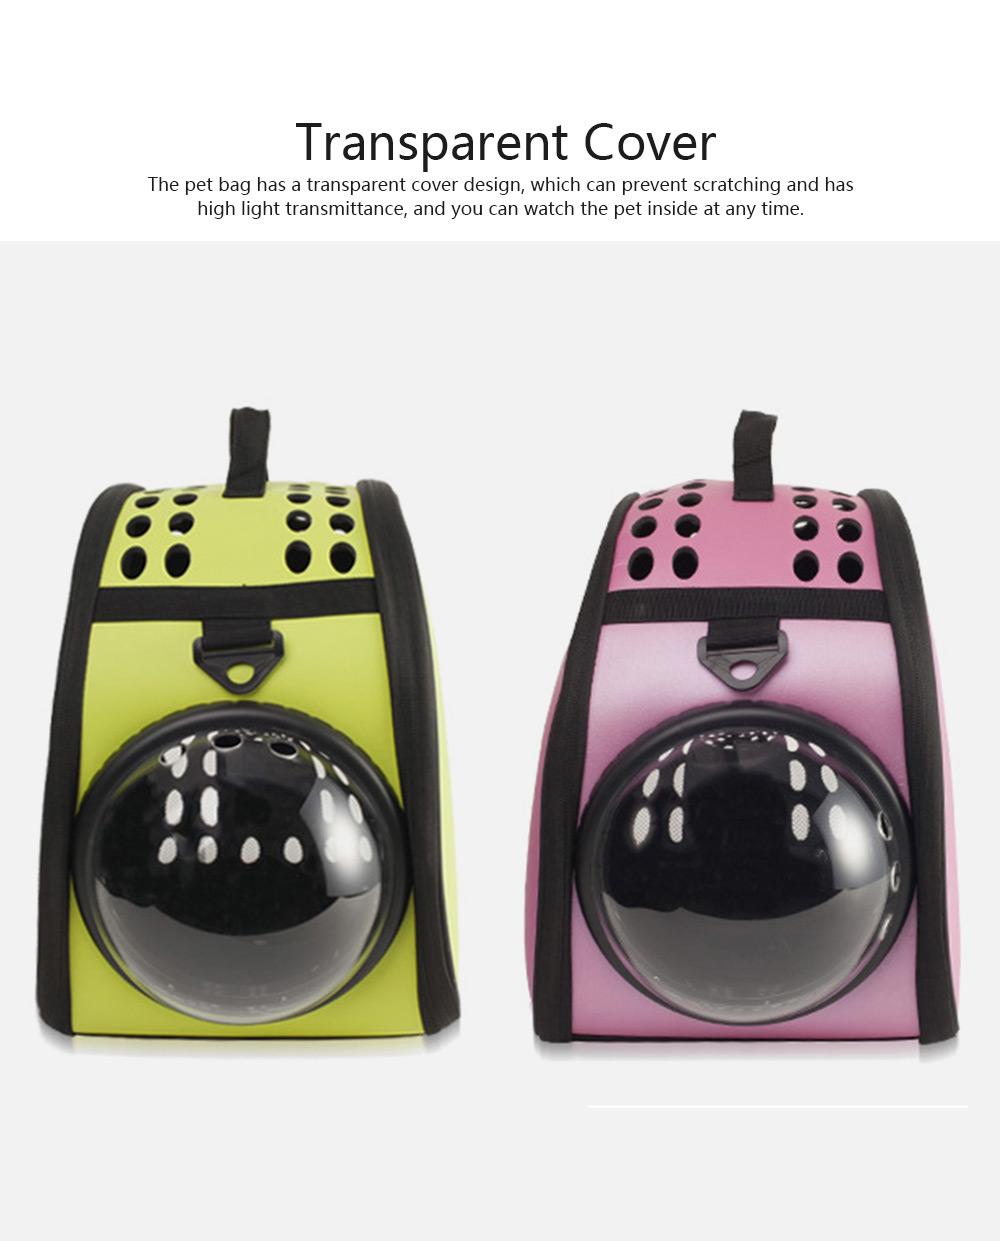 Pet Bag Intelligent Cooling EVA Puppy Travel Cage Portable Collapsible One Shoulder Handbag for Pet Dog Cat Travel Bag 3